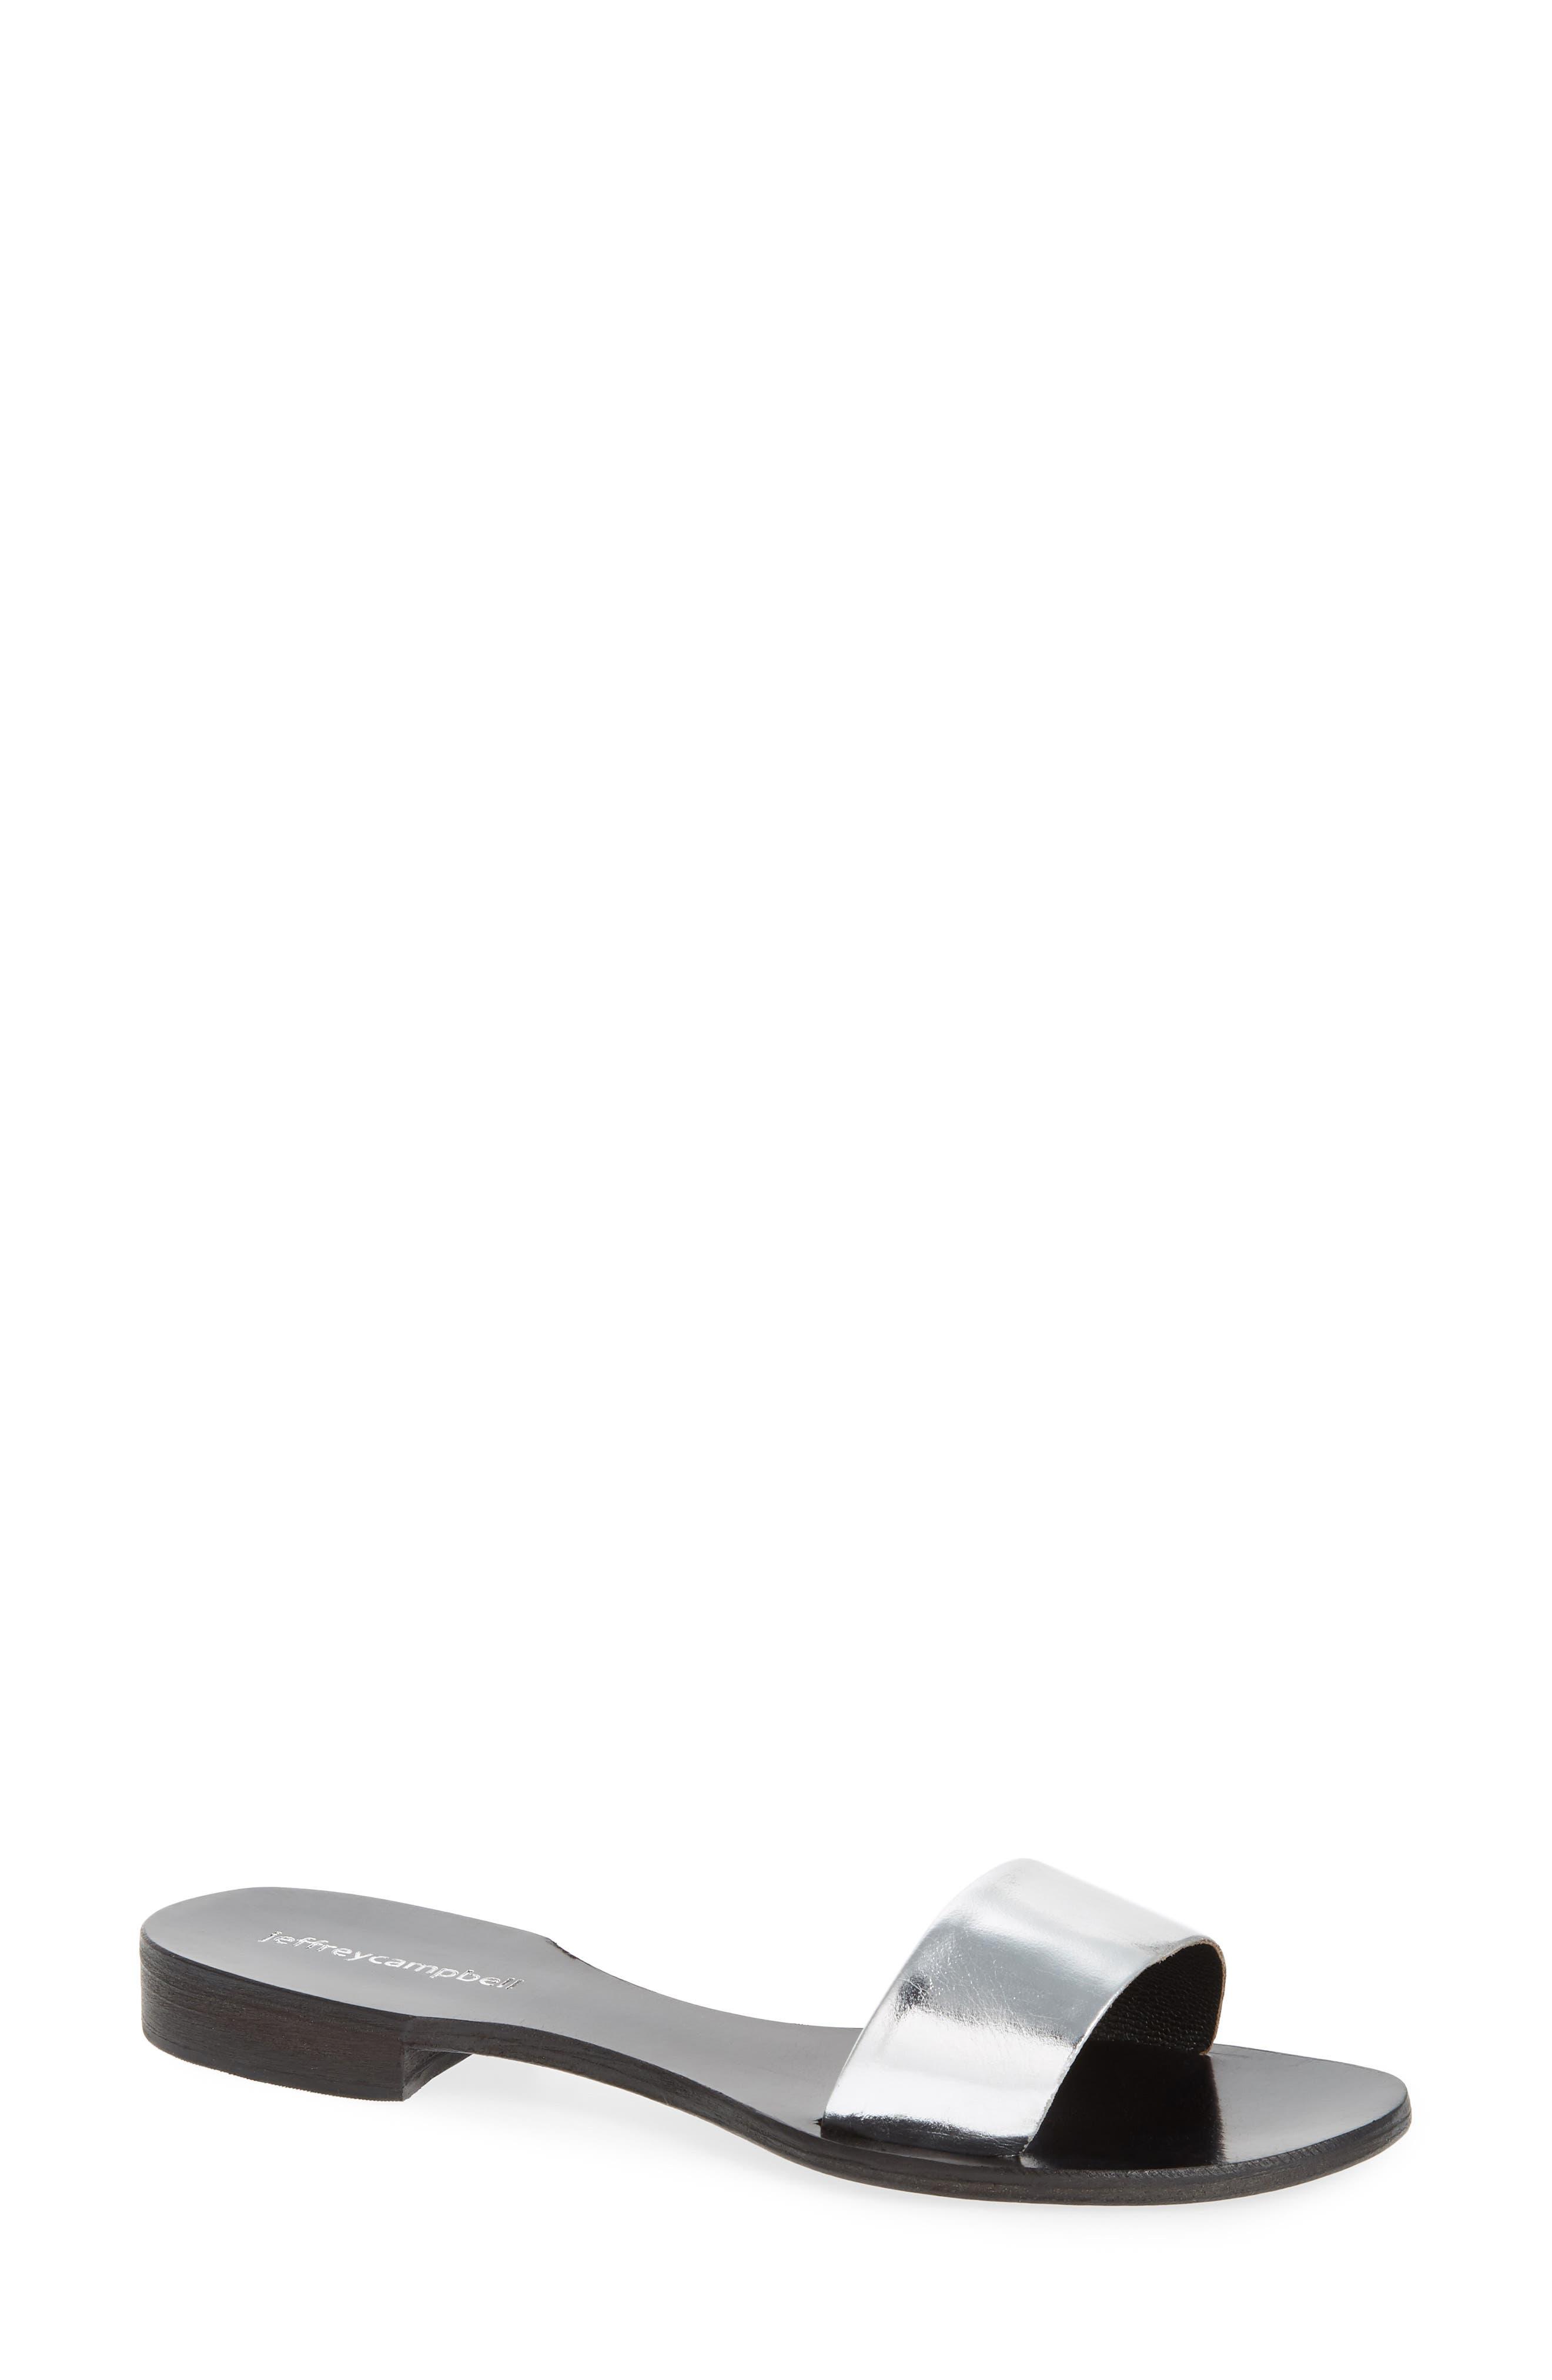 Monzon Slide Sandal,                         Main,                         color, 044